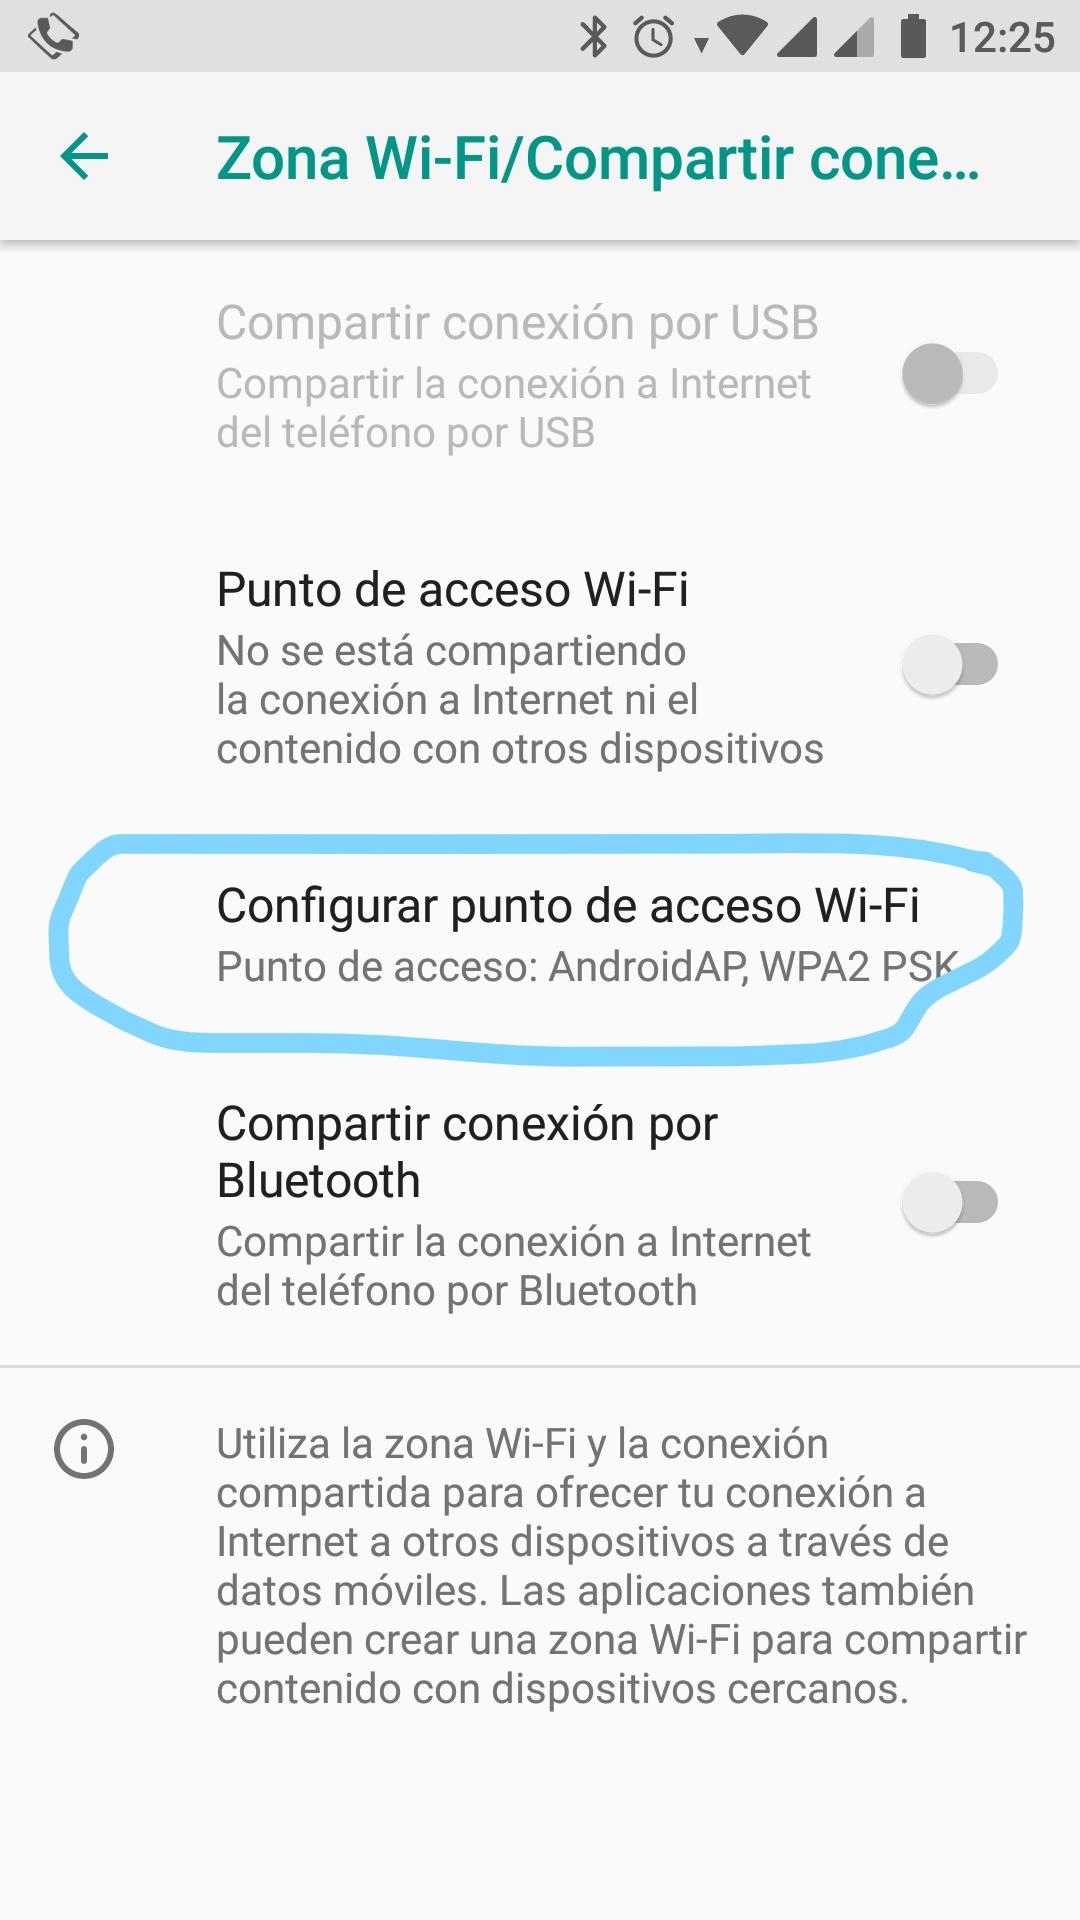 Configurar punto de acceso Wi-Fi